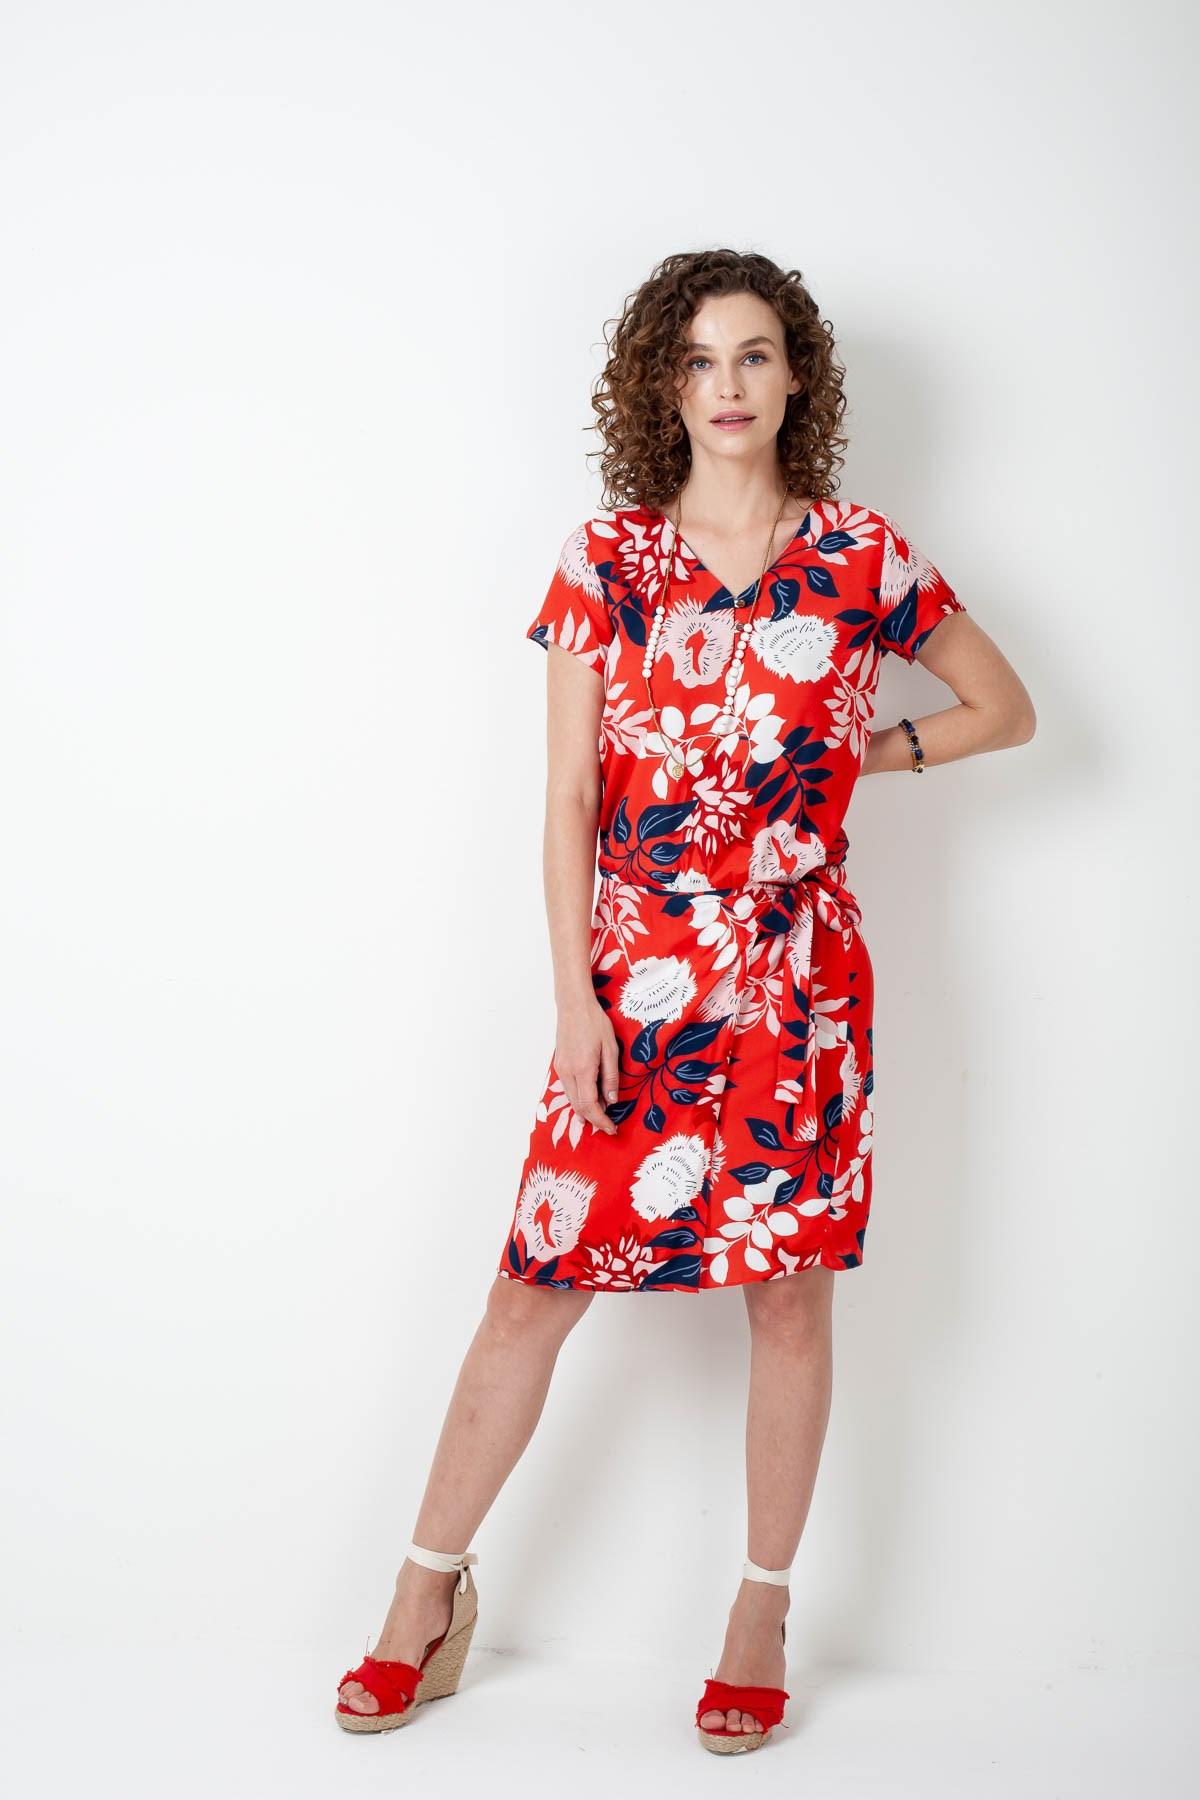 339c8fc20 Vestido Curto Saia Envelope Viscose Flores Bicolor - Ervadoce